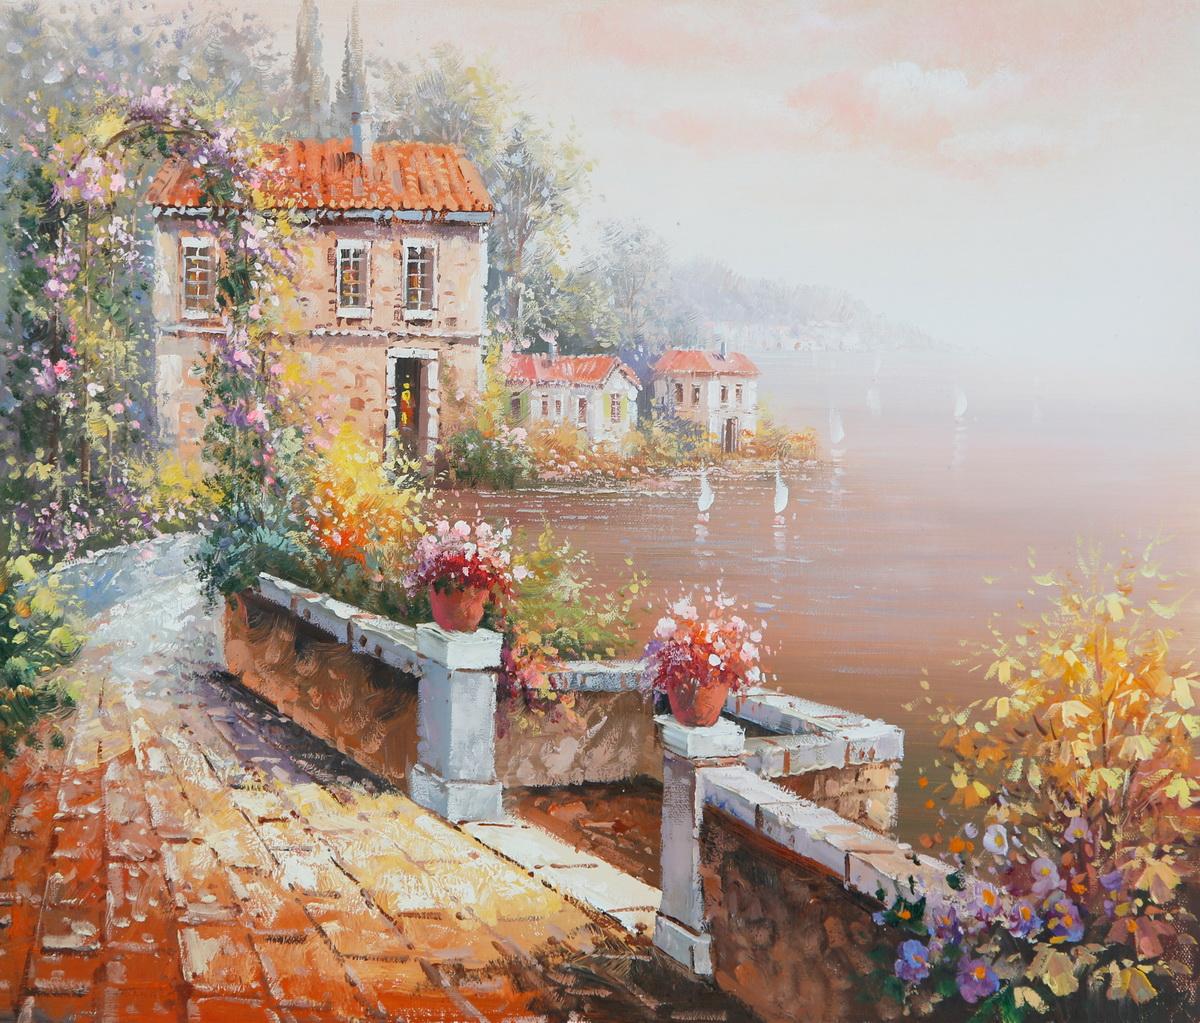 Картинка домик у моря с персиковым садом этих